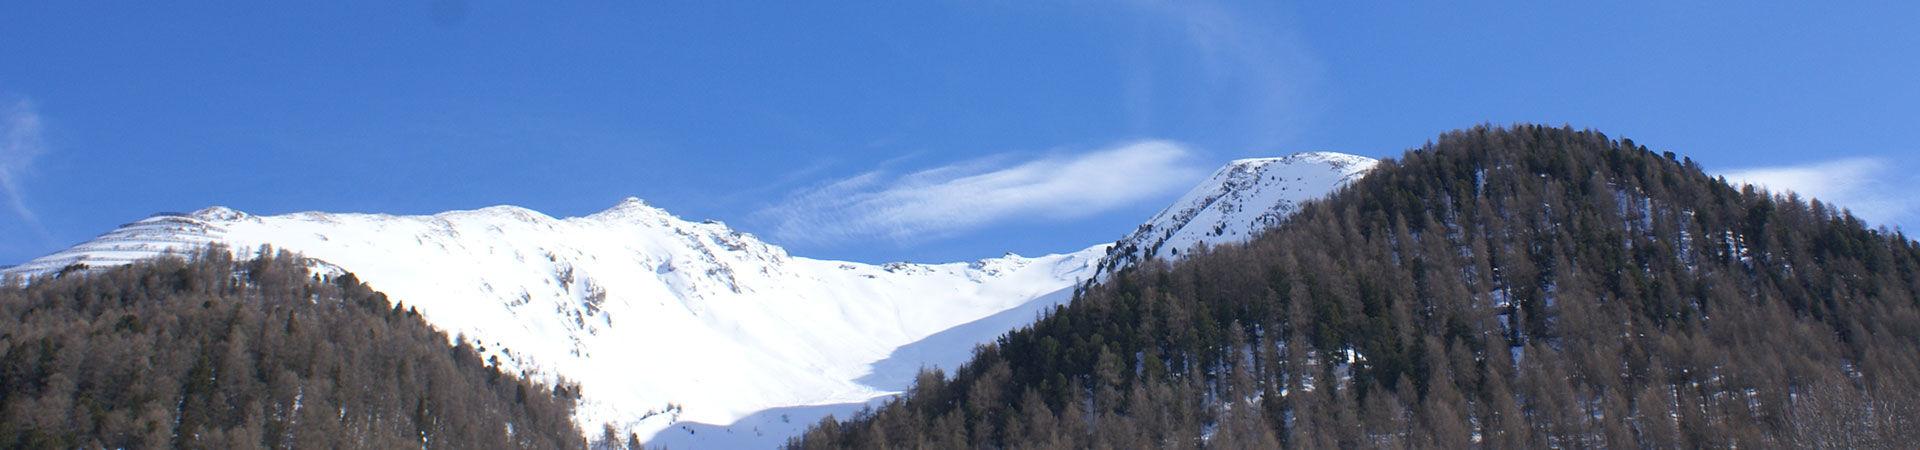 Impressum Hotel Romantic - Skiurlaub Samnaun